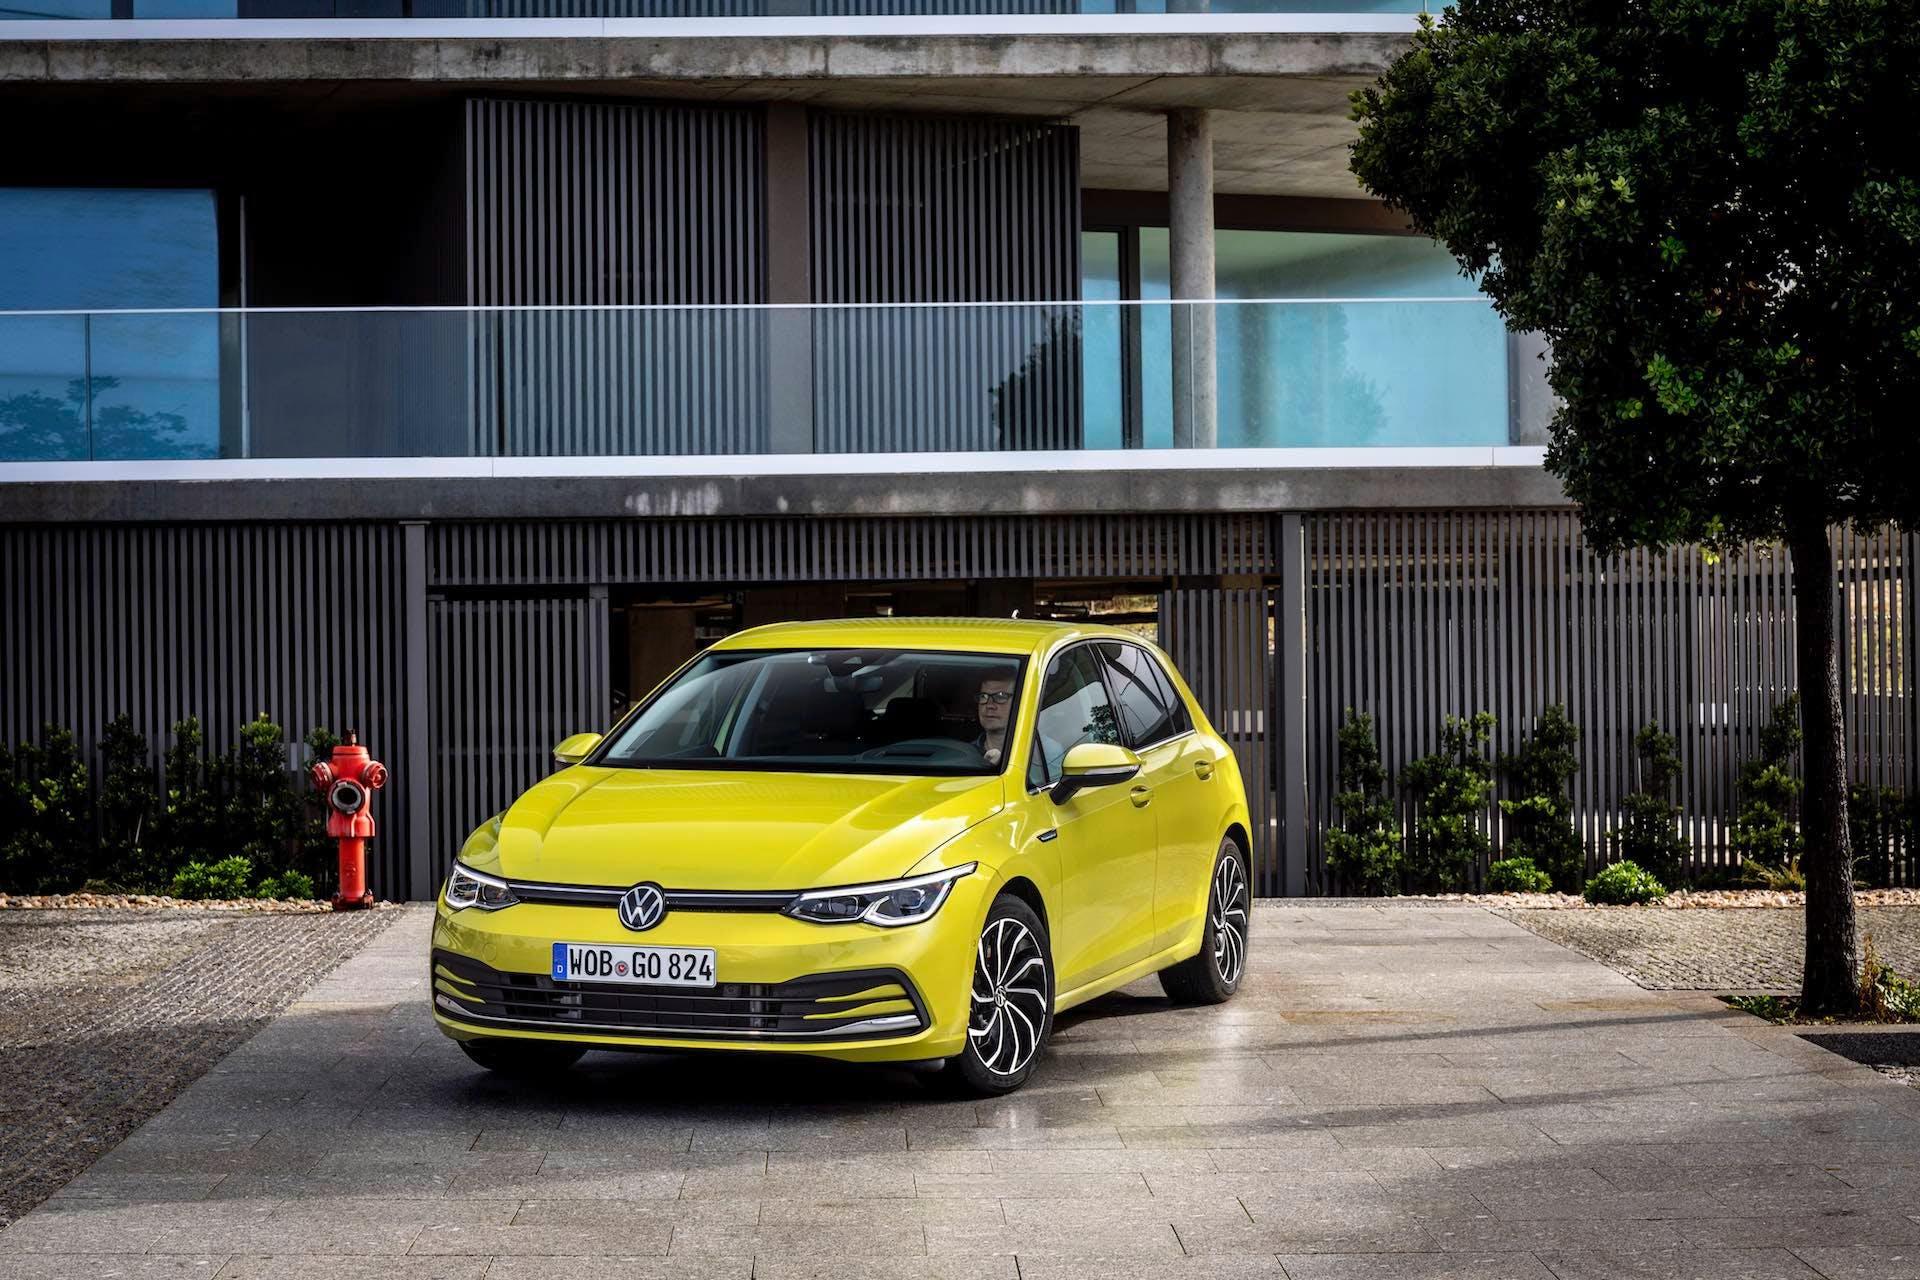 Nuova Volkswagen Golf 8 color oro, vista anteriormente per intero